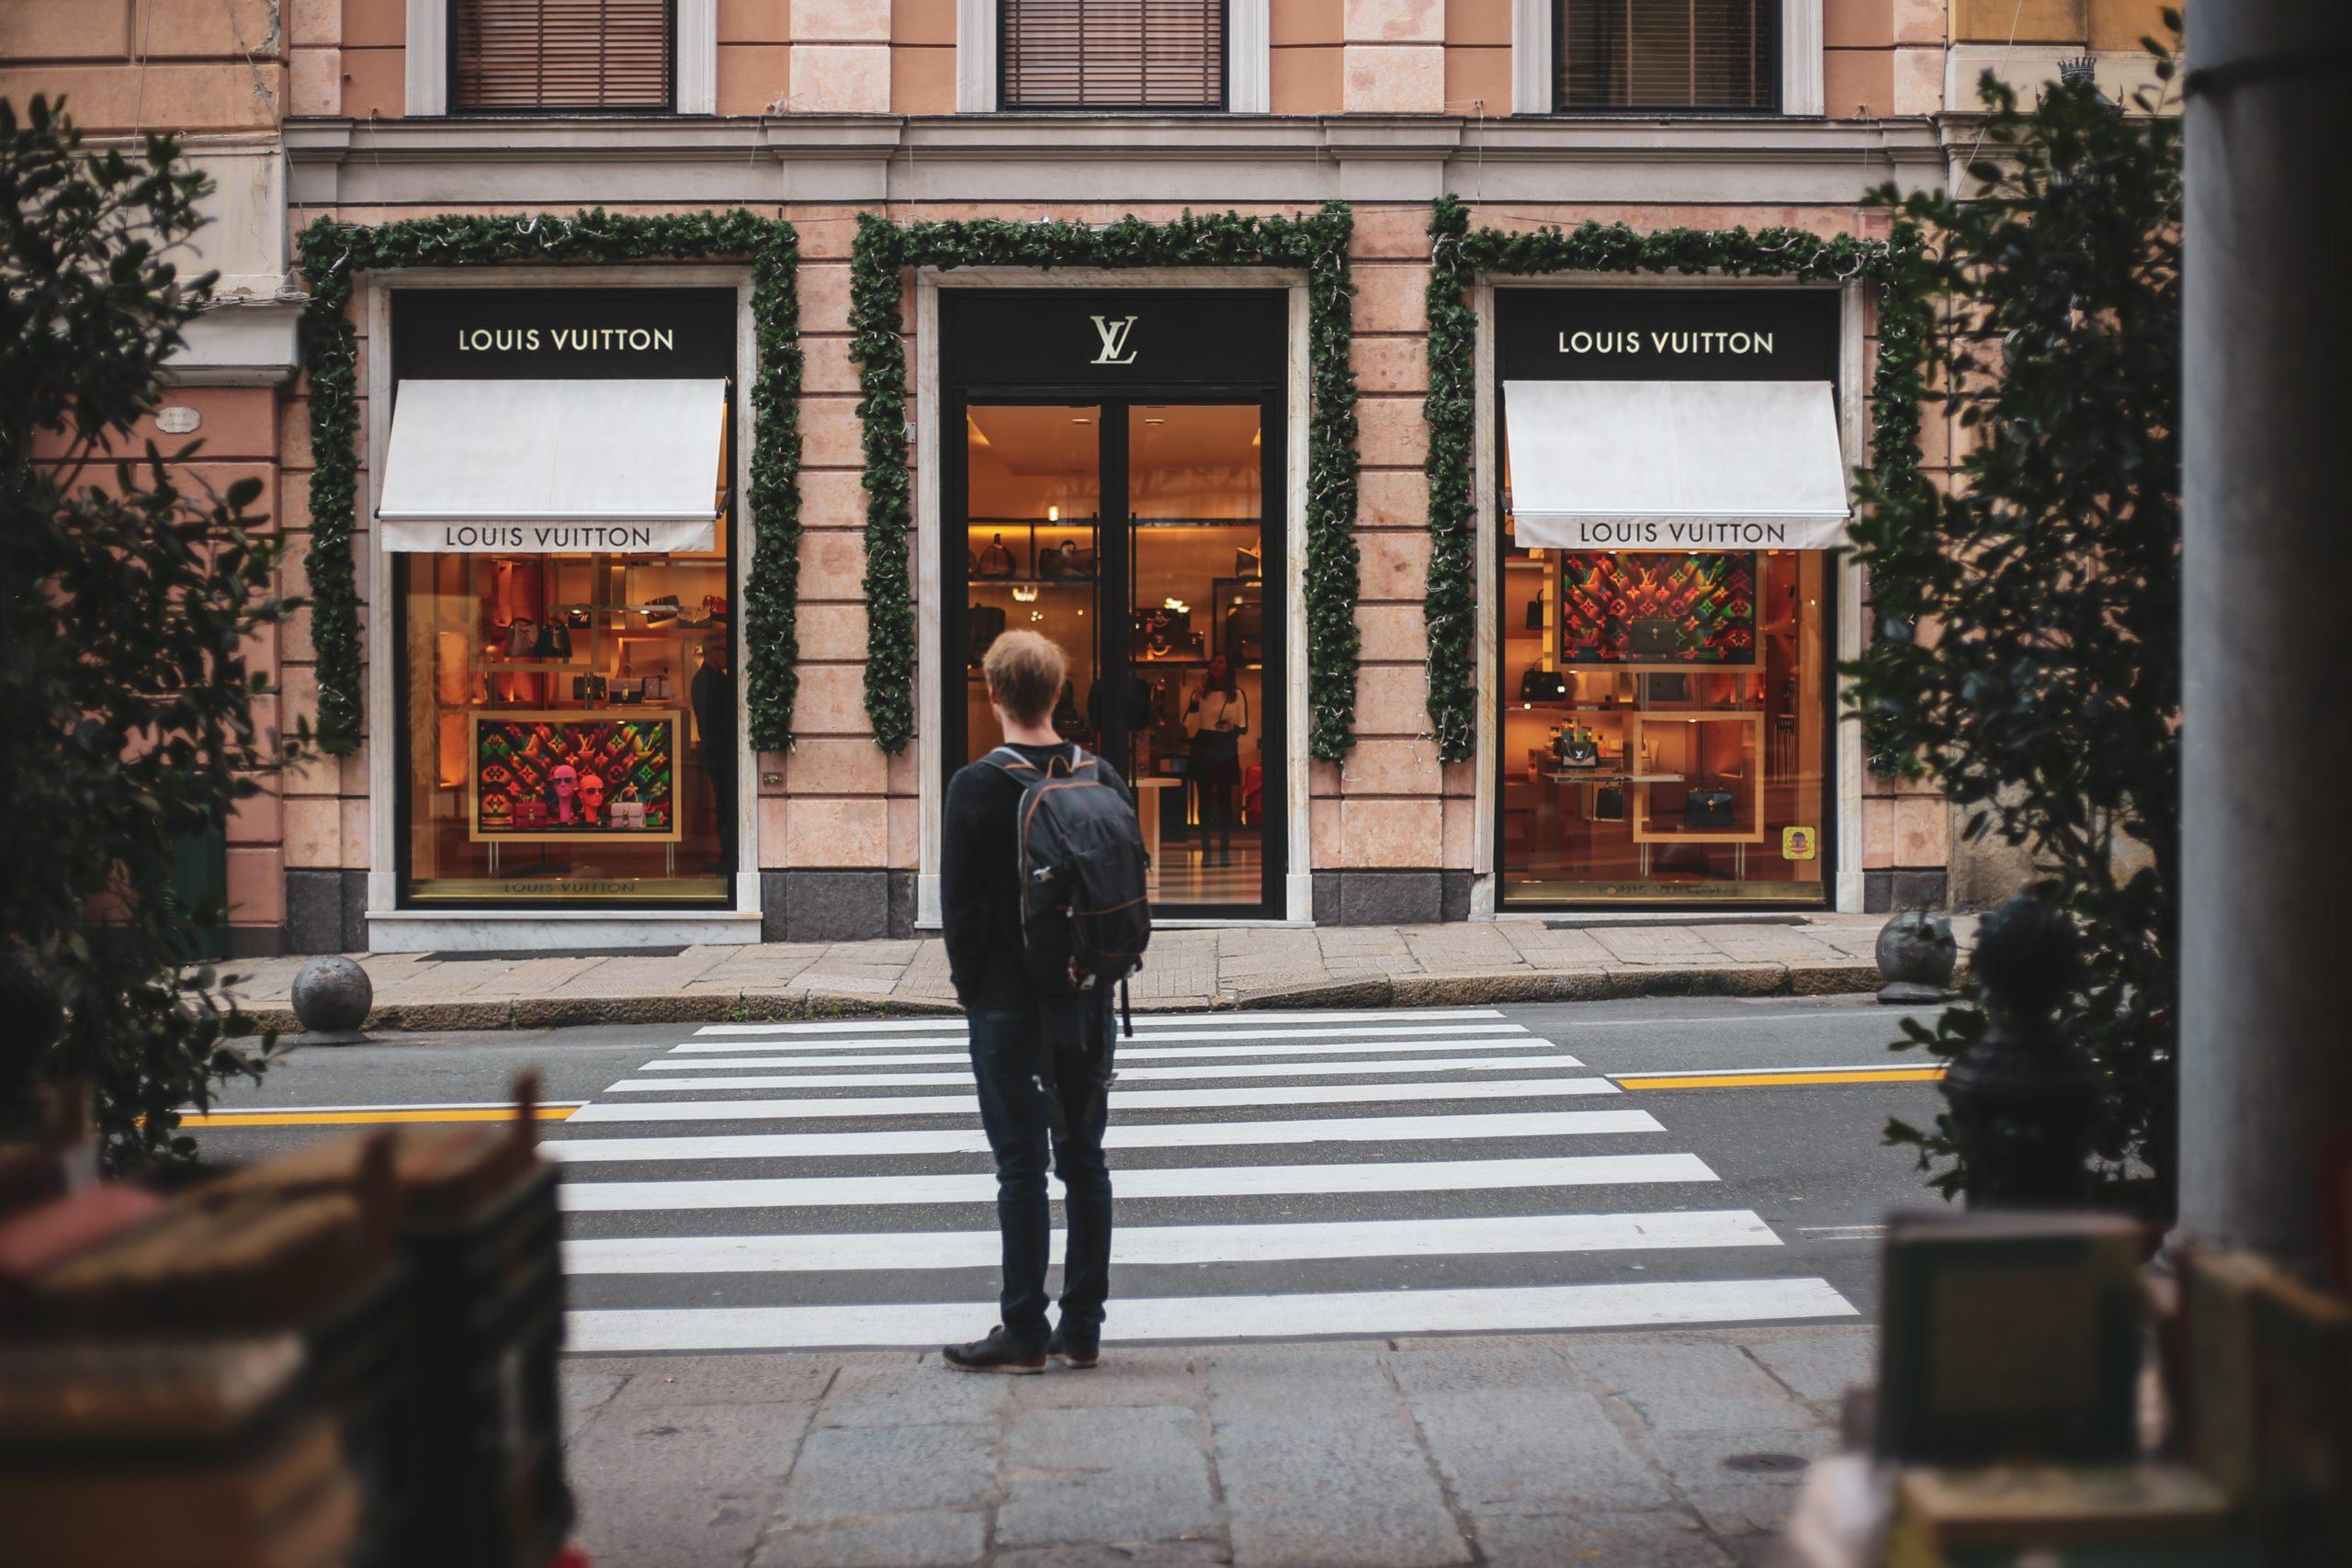 luxury lifestyle without big budget